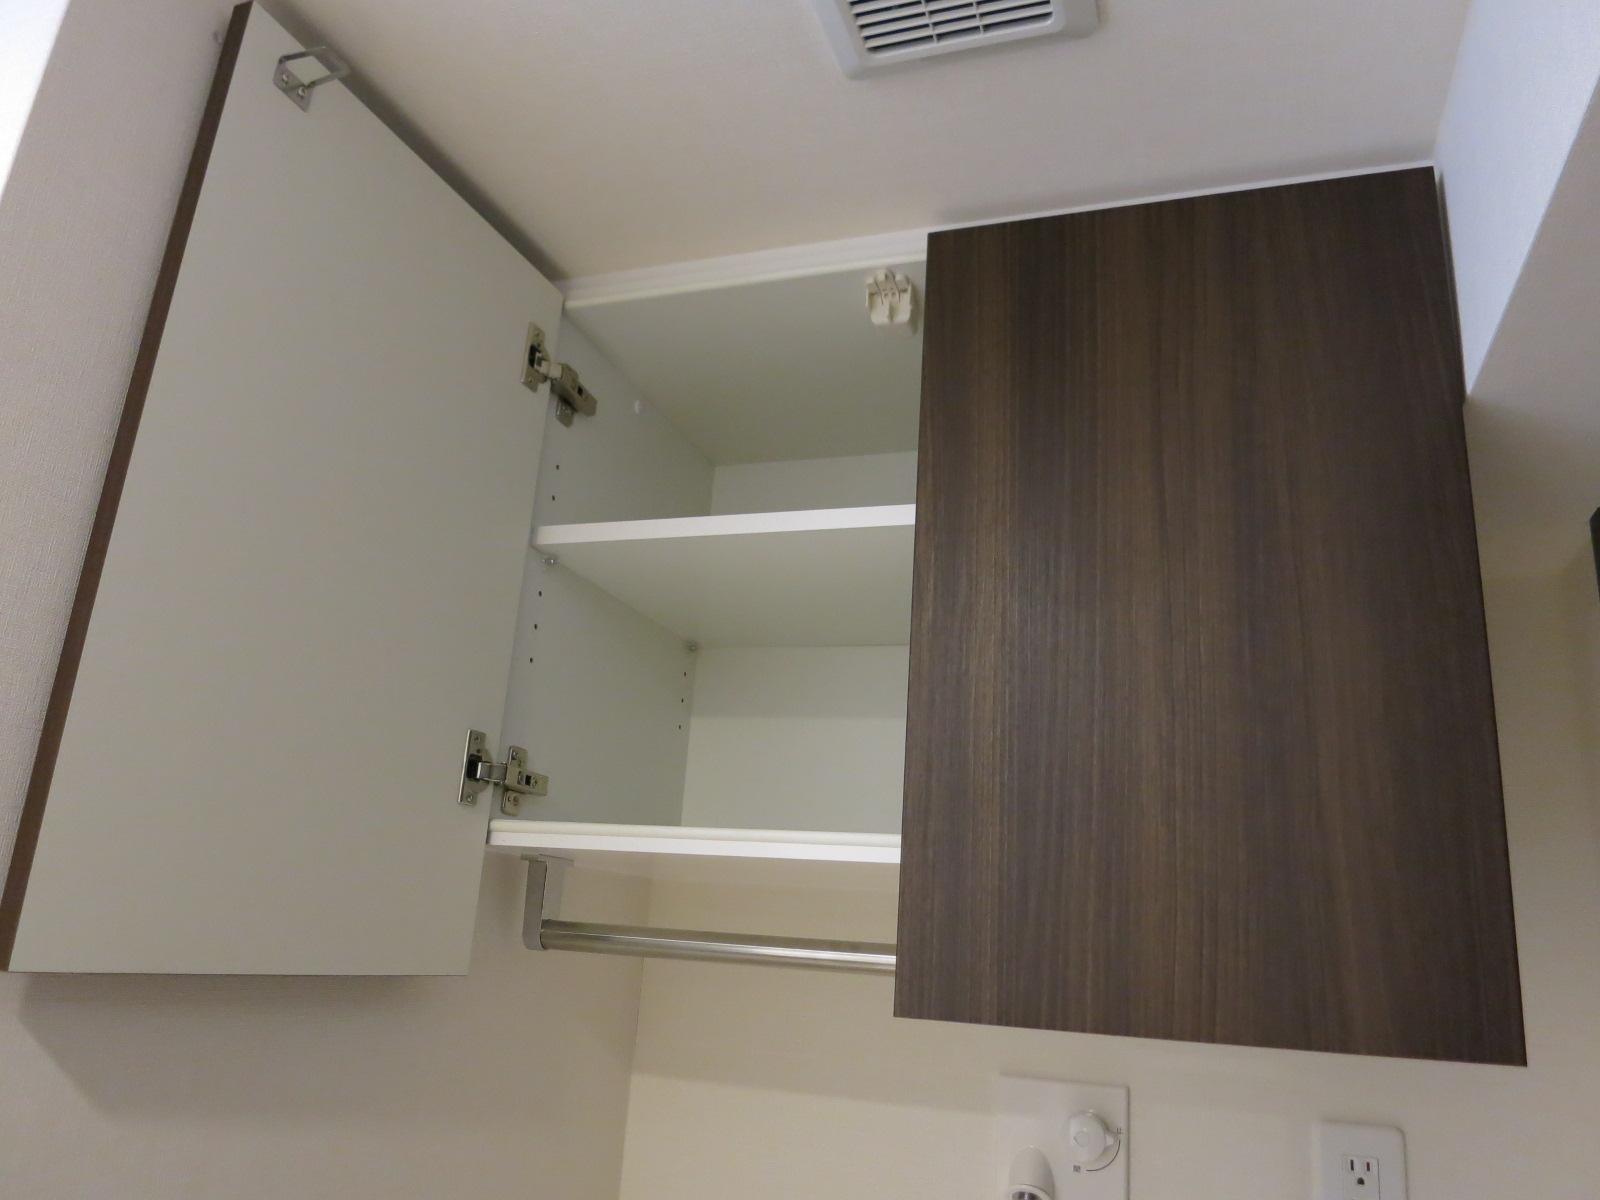 オーダー家具の実例|吊戸棚と3連ミラー「プラウド赤坂」|マンションオプション.com